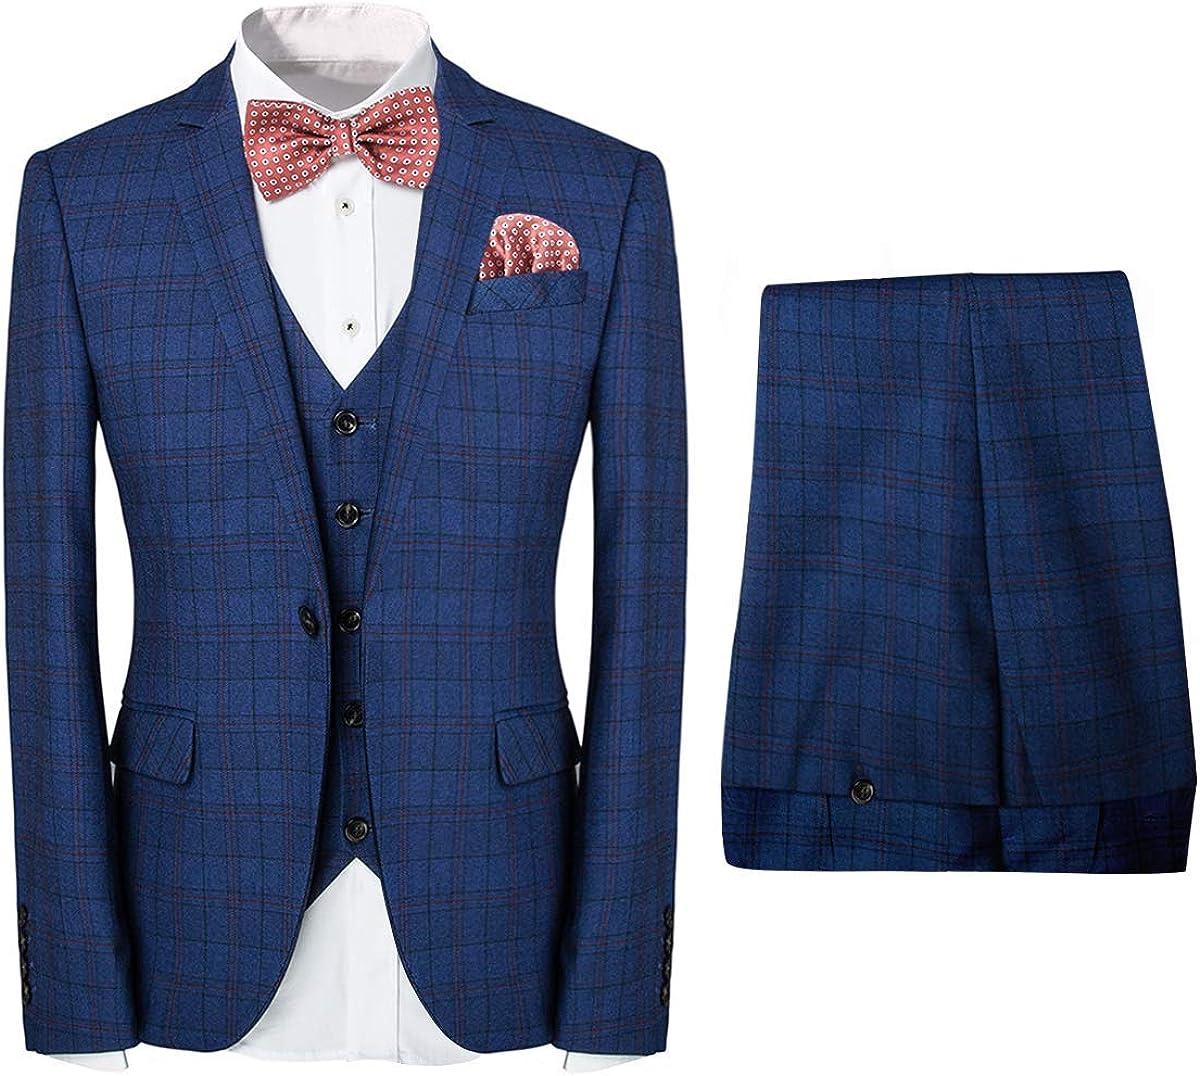 Frank Men's 3-Piece Plaid Suit Set Modern Fit Jacket Tux Blazer Vest Pants